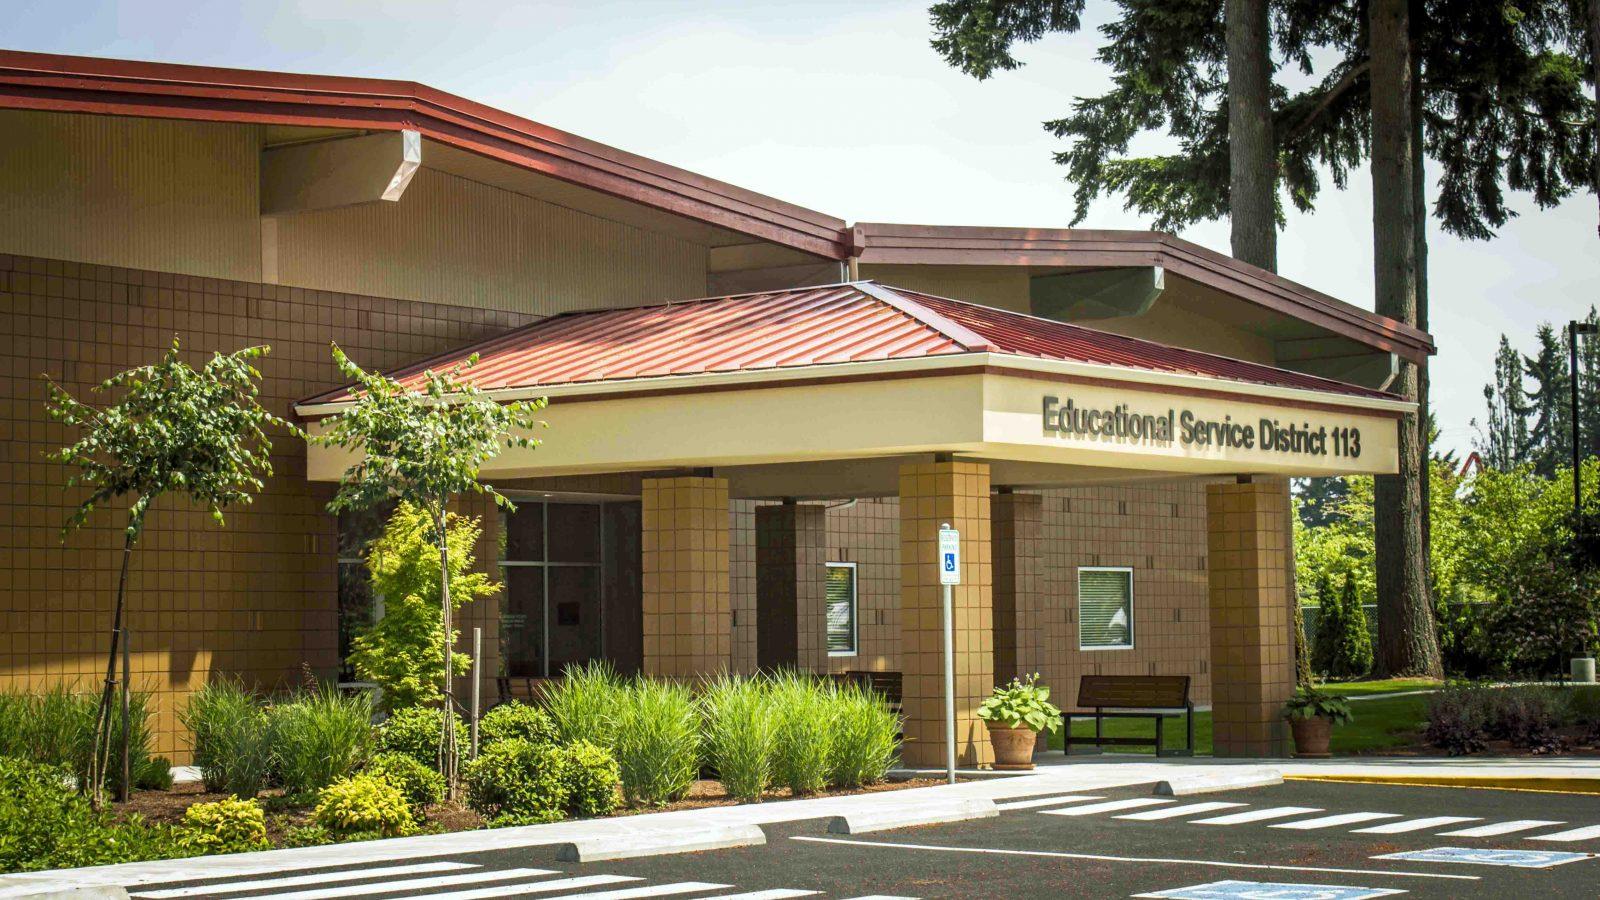 ESD 113 building